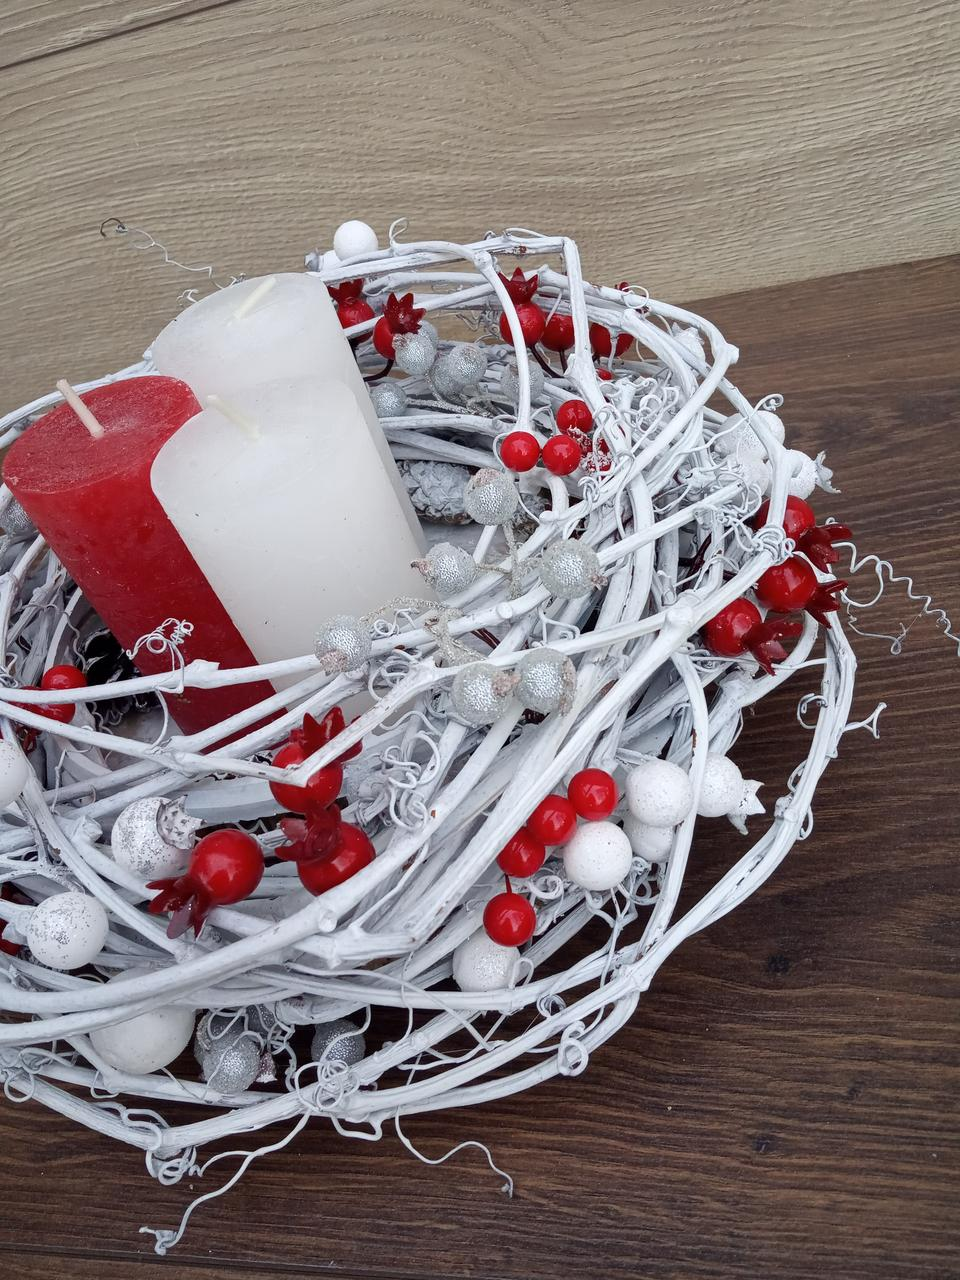 Композиція Новорічна зі свічкою на стіл, Різдвяна свічка. Підсвічник Новорічний, Різдвяний зі свічкою.